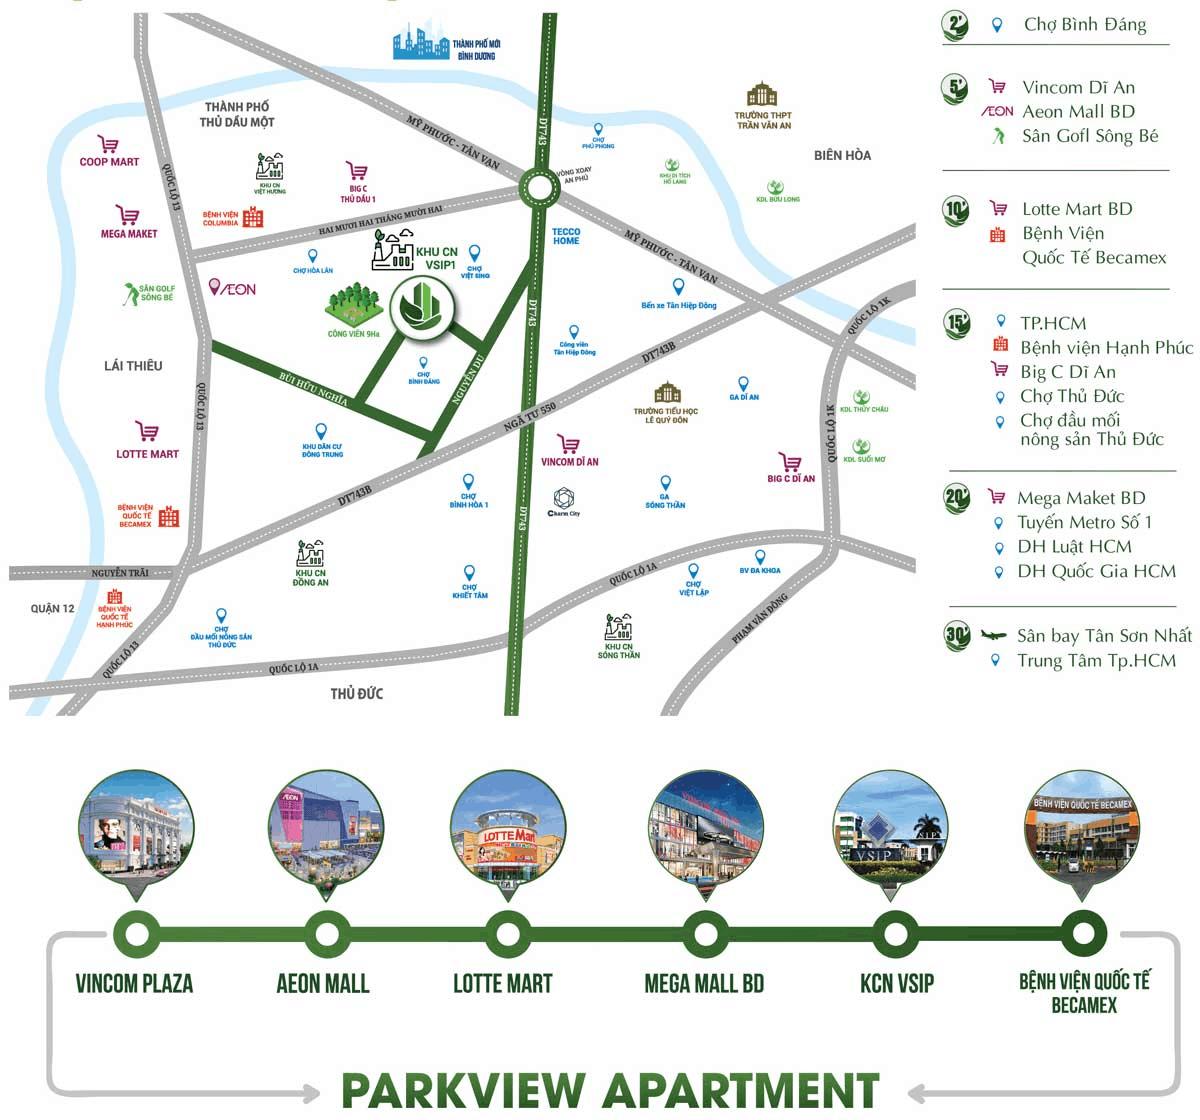 PARKVIEW APARMENT - Sự đầu tư lý tưởng image 2021 04 24 124850 27